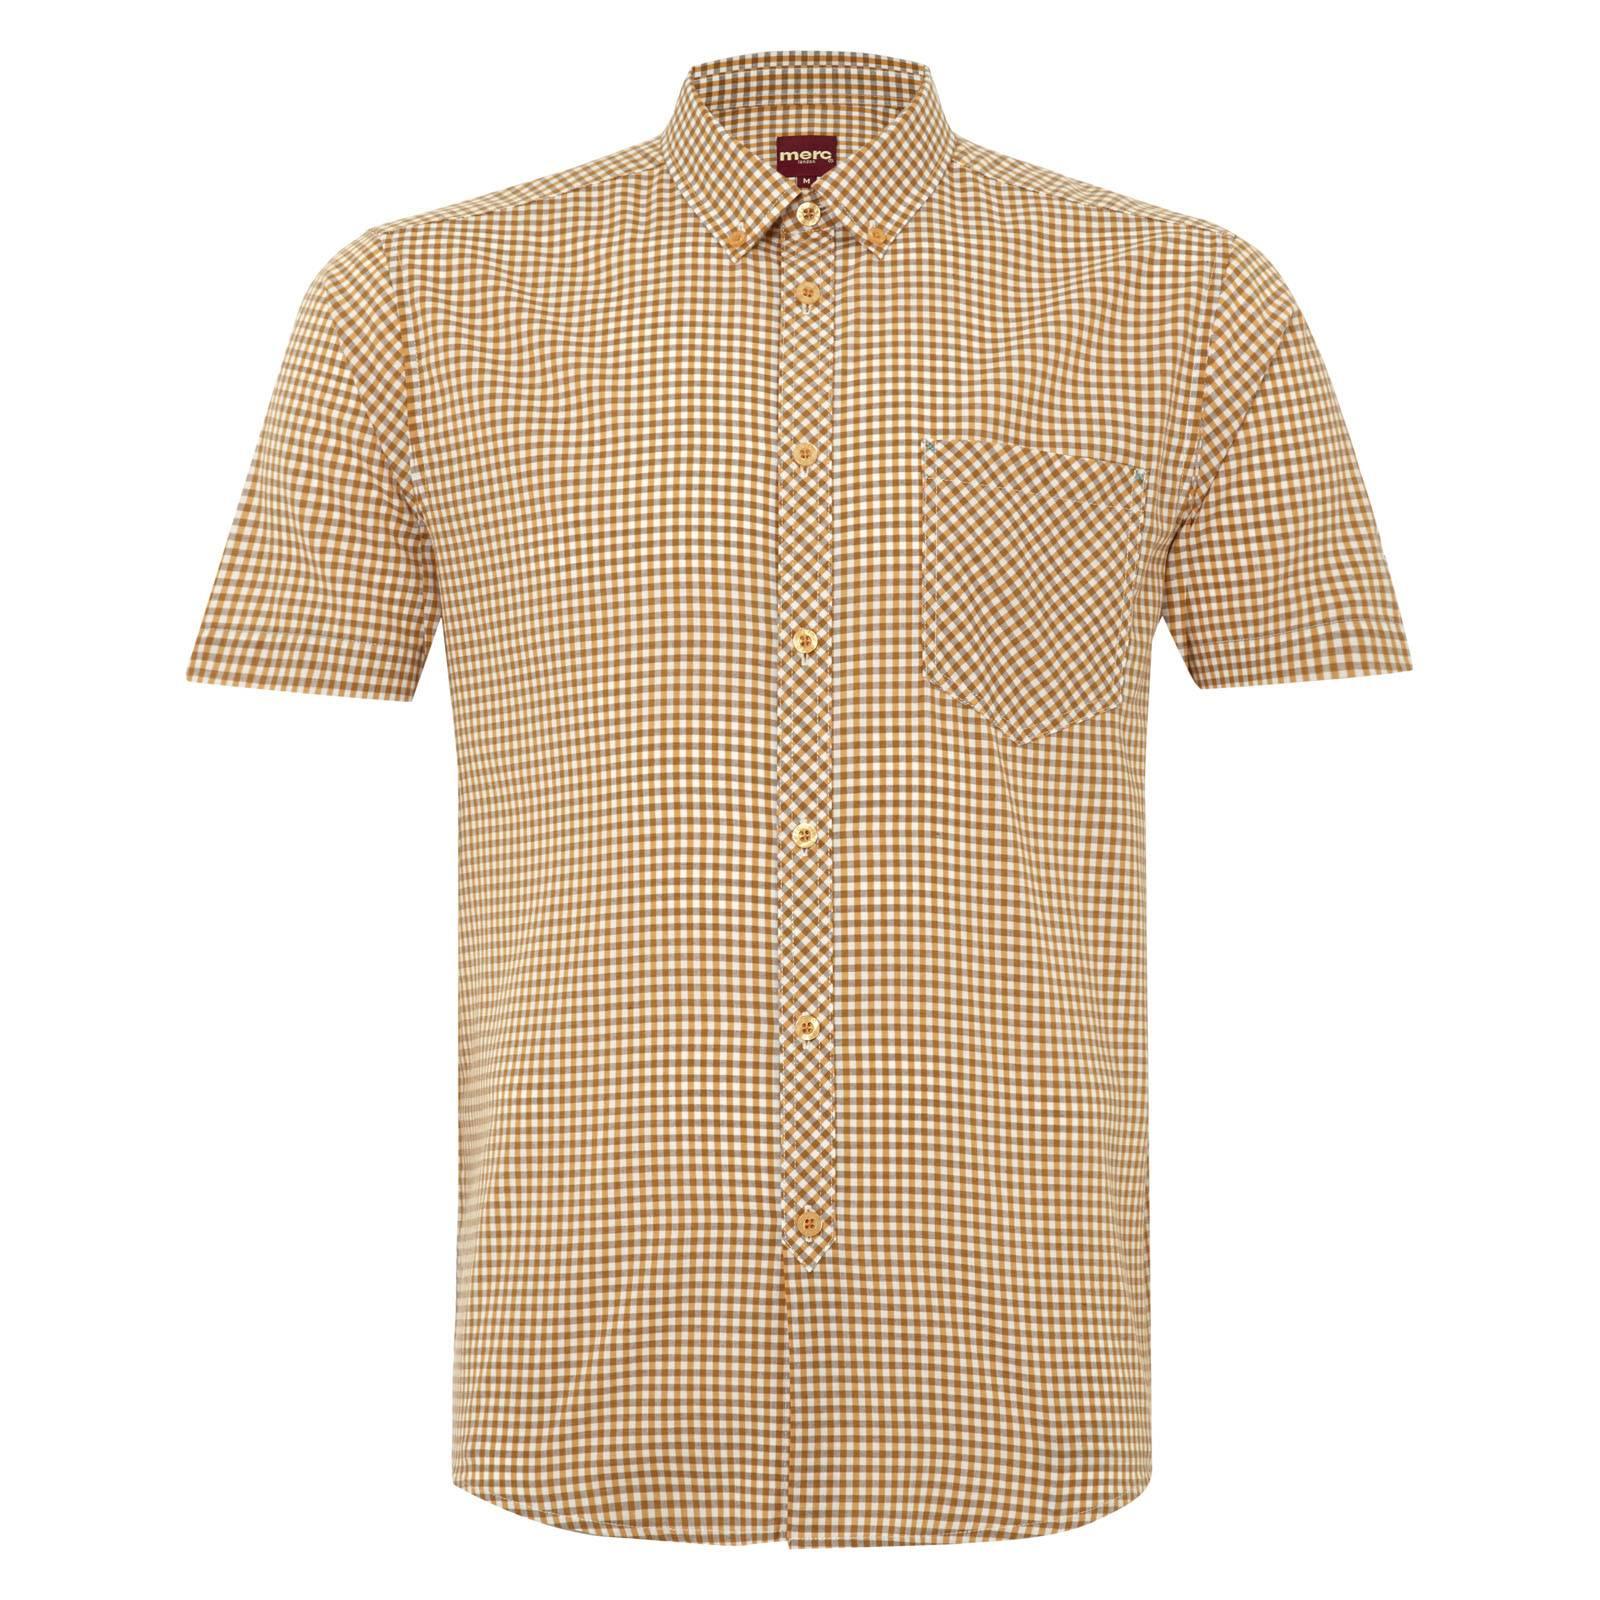 Рубашка MoralesС коротким рукавом<br>Приталенная рубашка с воротником button-down в классическую английскую клетку &amp;amp;quot;gingham&amp;amp;quot;. Клетчатый узор на нагрудном кармане и планке для пуговиц имеет отличную от остальной части продольную структуру, что выделяет его на общем фоне и вносит разнообразие в традиционный орнамент.&amp;lt;br /&amp;gt;<br>&amp;lt;br /&amp;gt;<br>Фигурный низ изделия предполагает ношение навыпуск, но эту рубашку можно также заправлять в брюки или шорты, сочетая с коричневым ремнем и укороченными дезертами.&amp;lt;br /&amp;gt;<br>&amp;lt;br /&amp;gt;<br>Светлые, жизнерадостные тона сорочки прекрасно вписываются в весенне-летний look.<br><br>Артикул: 1514110<br>Материал: None<br>Цвет: оранжевый<br>Пол: Мужской